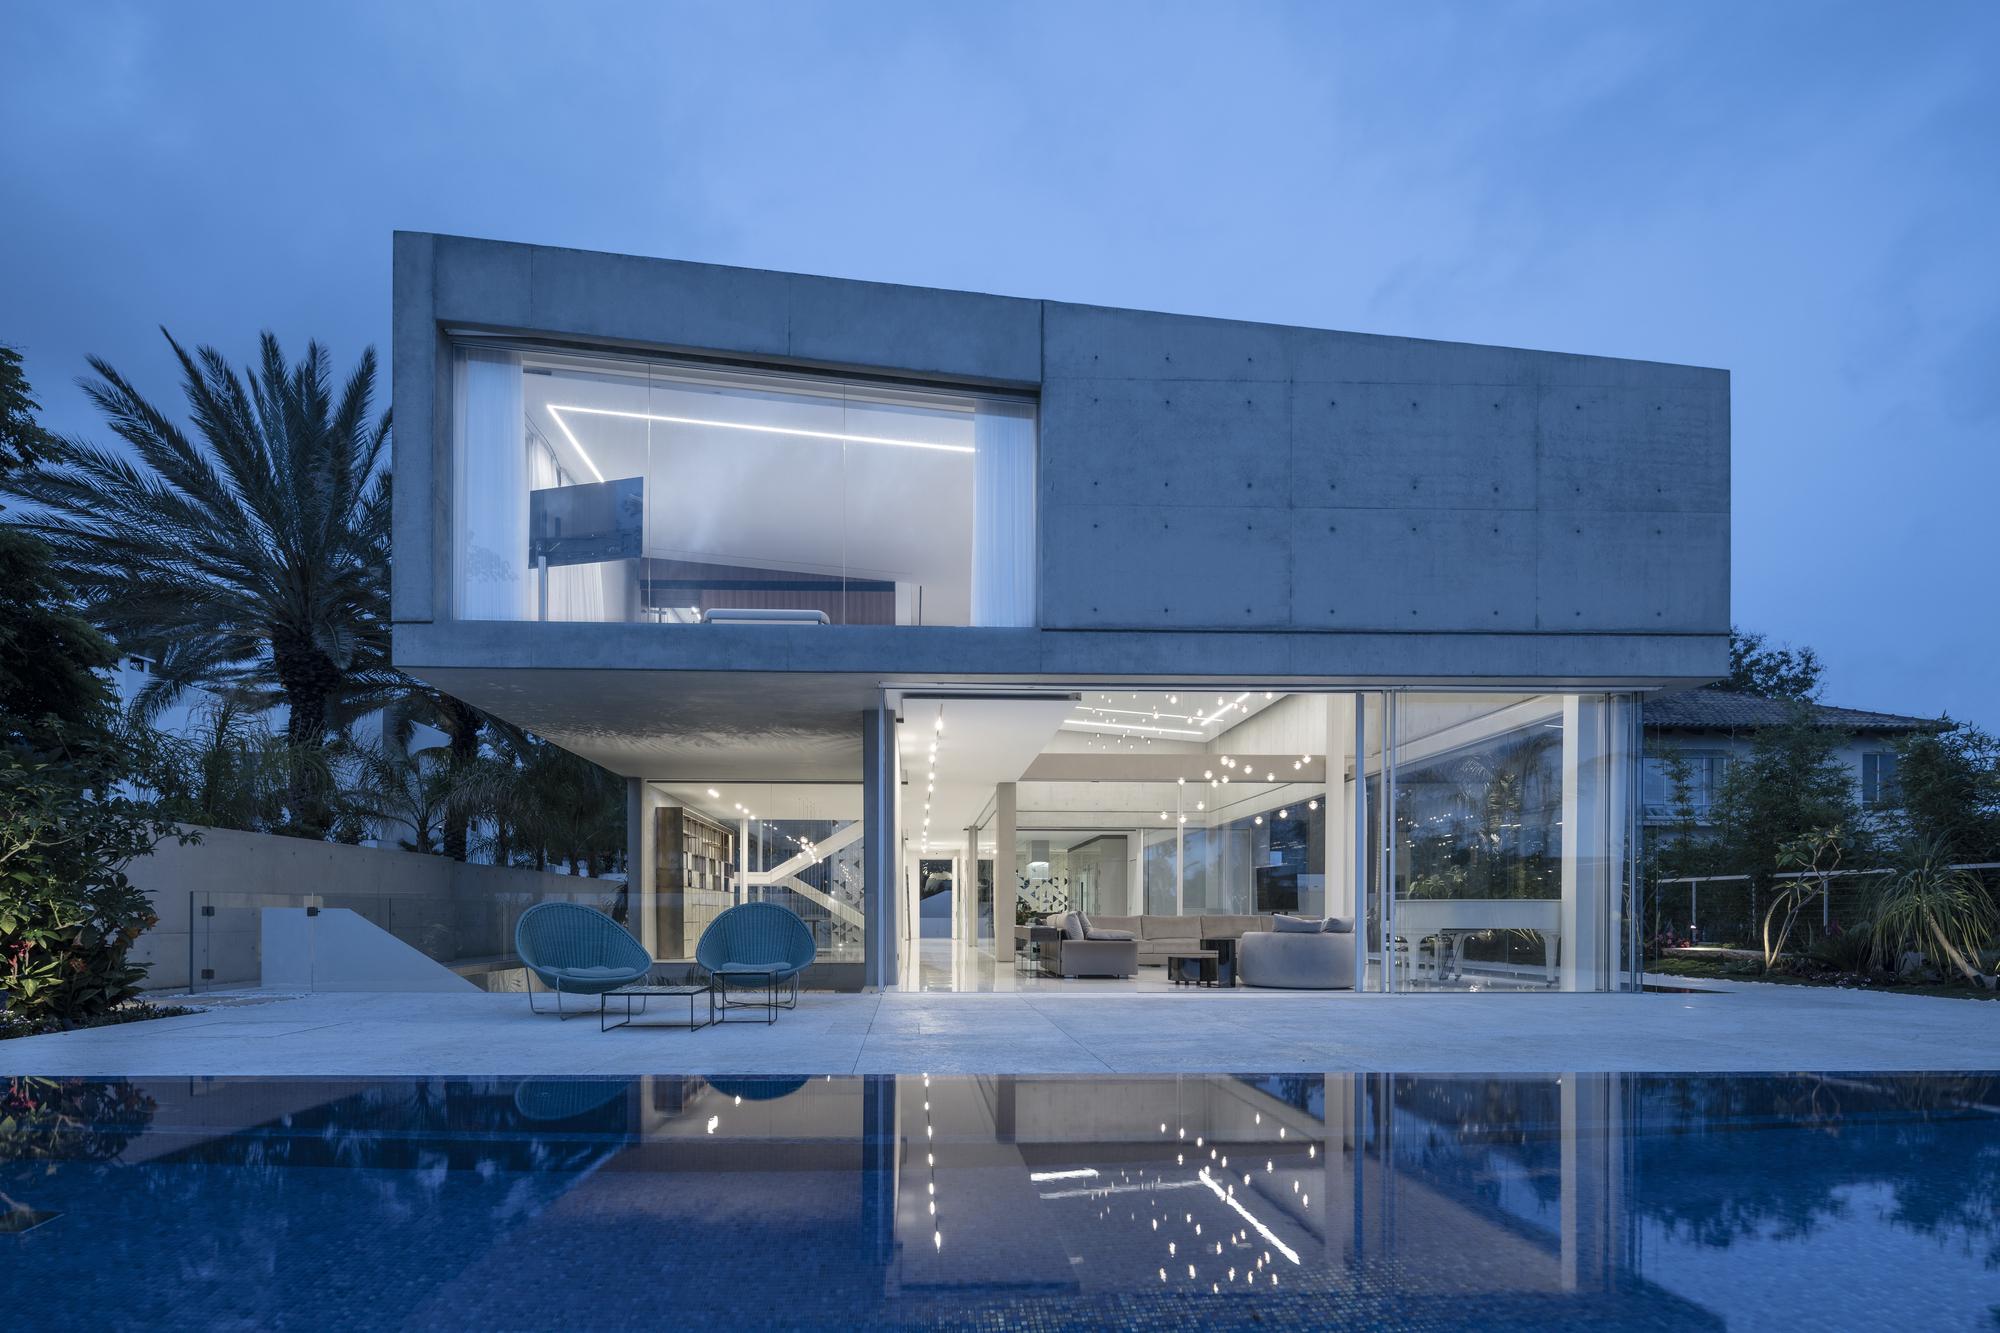 D3 House / Pitsou Kedem Architects